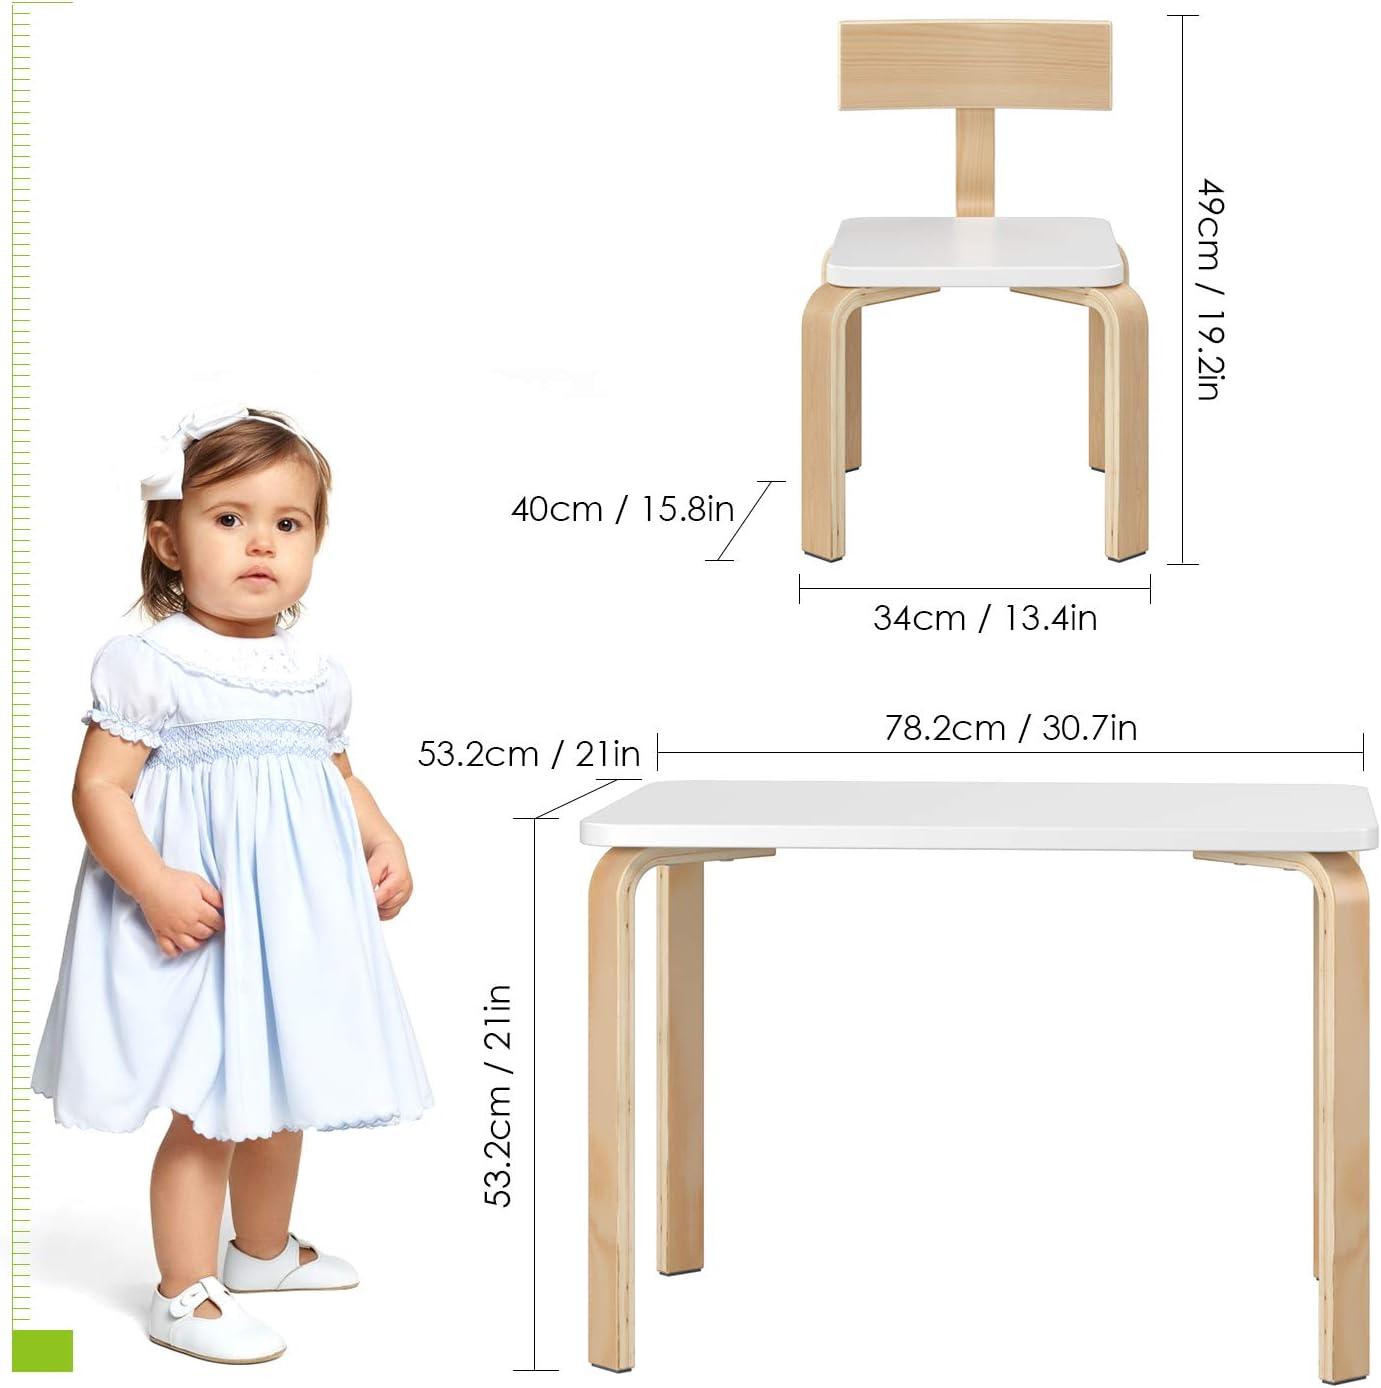 Bianco Homfa Tavolino Pittura Scrivania Per Bambini da Gioco con 2 Sedie in Legno 78.2x53.2x53.2cm